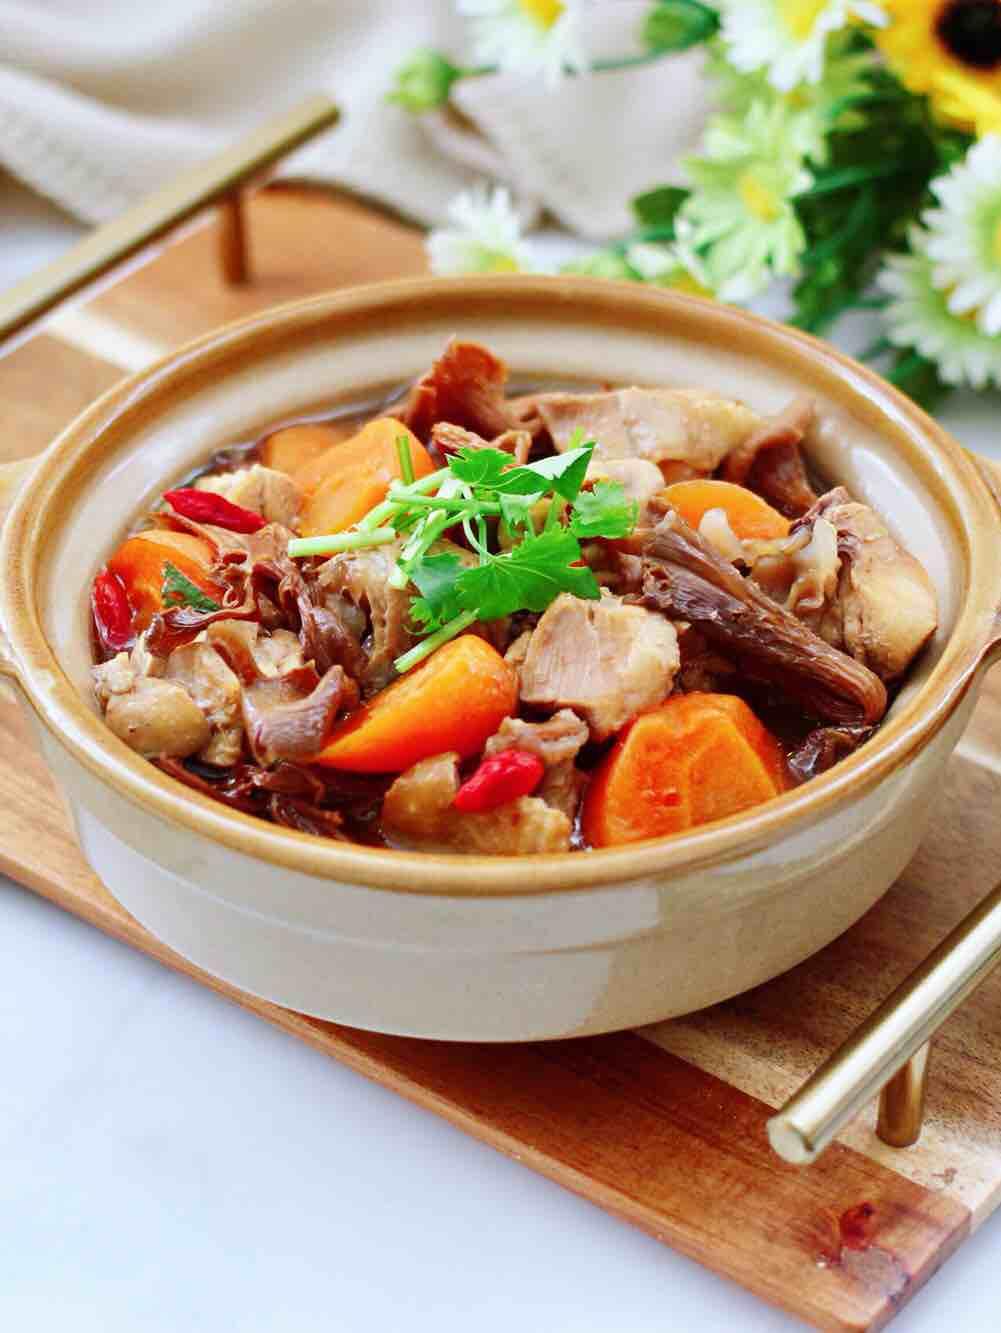 榛蘑胡萝卜鸡汤